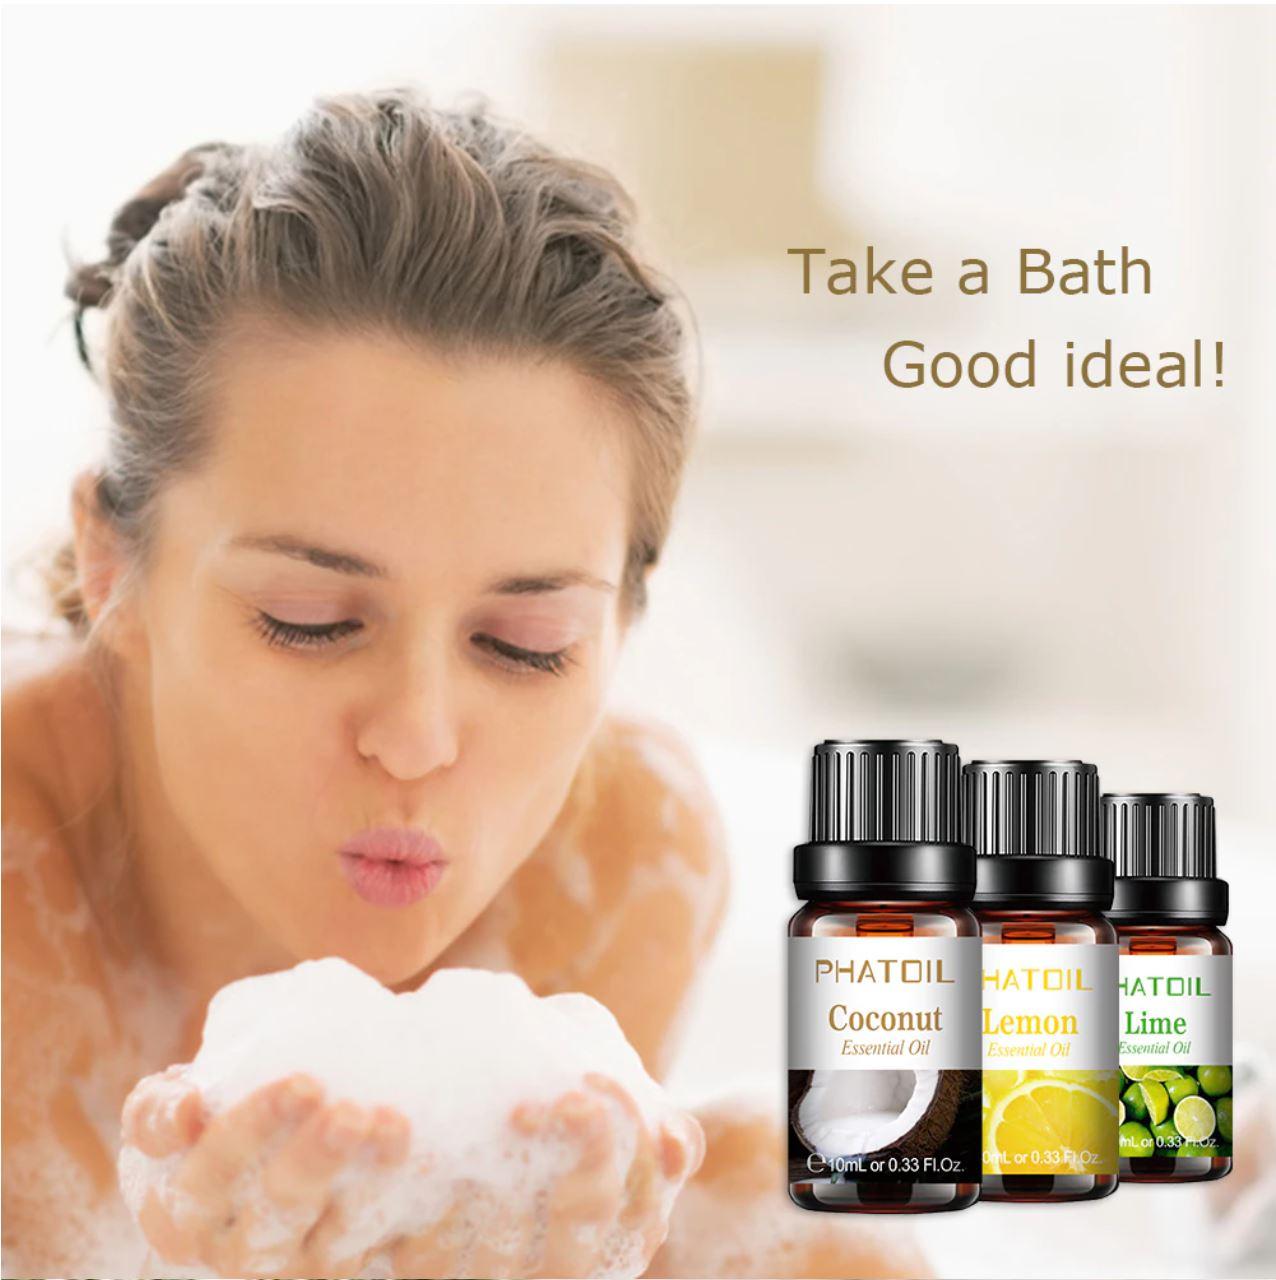 Promocje Aliexpress w dziale Beauty - olejki eteryczne do kąpieli